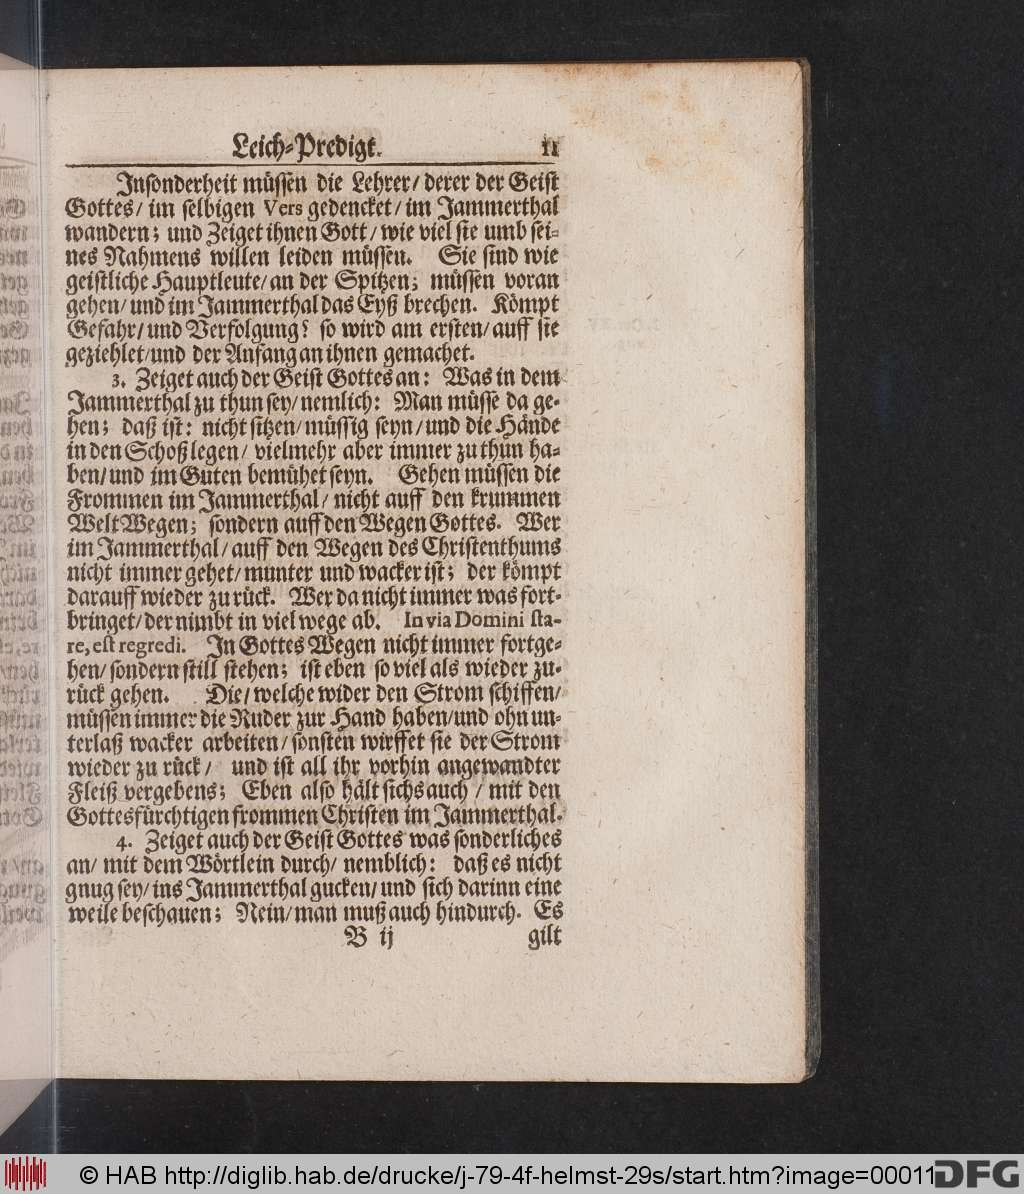 http://diglib.hab.de/drucke/j-79-4f-helmst-29s/00011.jpg